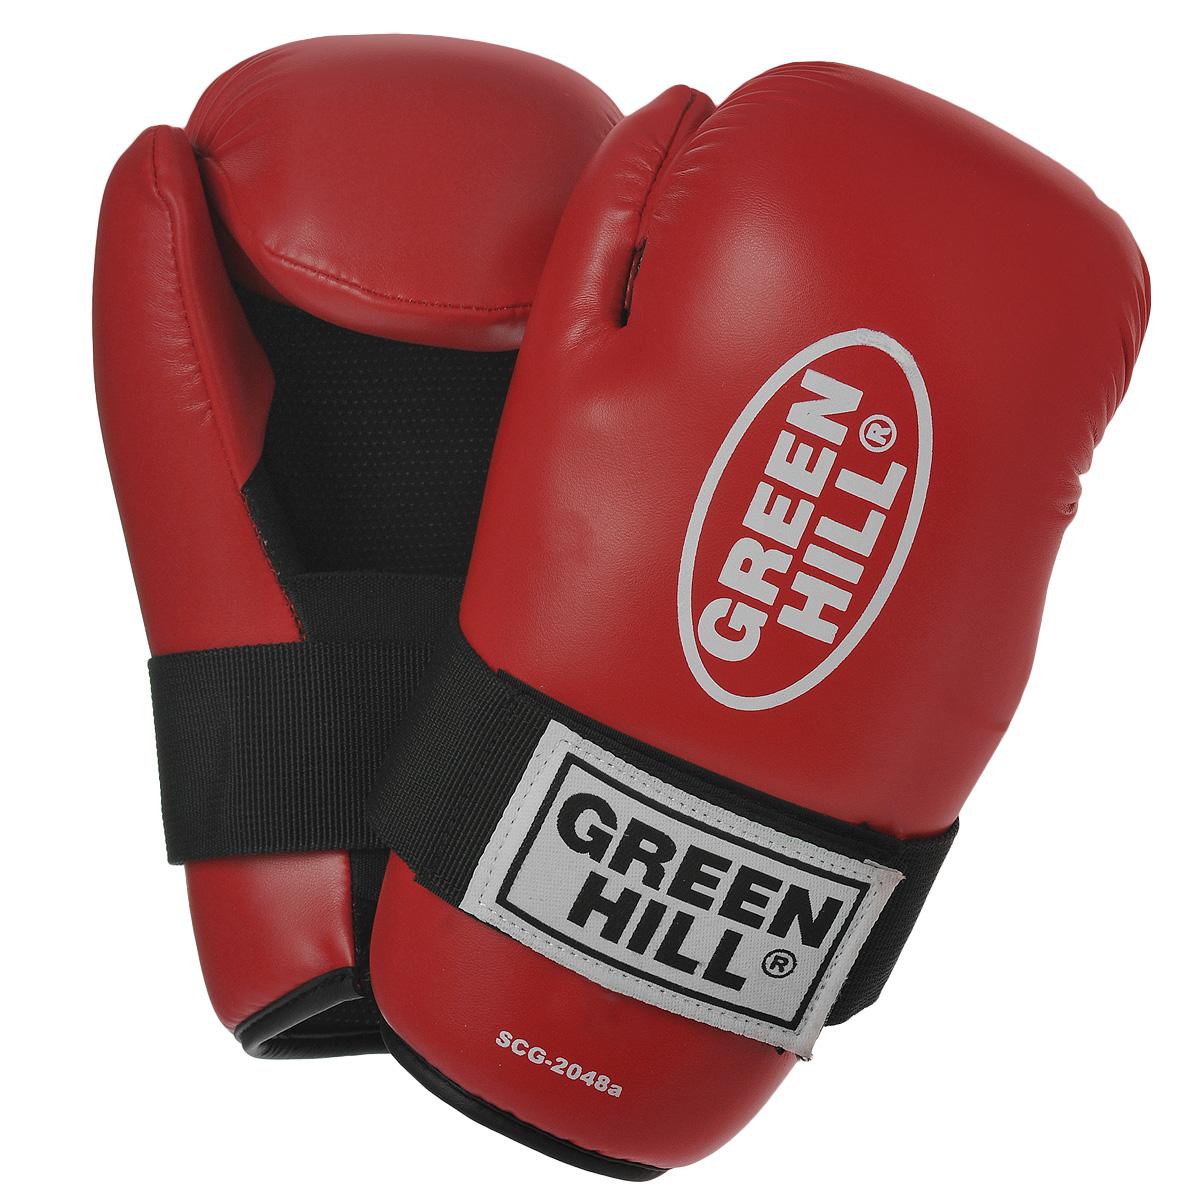 Перчатки для контактных единоборств Green Hill 7-contact, цвет: красный. Размер SKBF-2106LRНакладки Green Hill 7-contact для контактных видов единоборств семиконтакт. Идеально подходят для обучения, спаррингов и соревнований. Перчатки выполнены из высококачественной. Широкий ремень, охватывая запястье, полностью оборачивается вокруг манжеты, благодаря чему создается дополнительная защита лучезапястного сустава от травмирования. Застежка на липучке способствует быстрому и удобному одеванию перчаток, плотно фиксирует перчатки на руке.